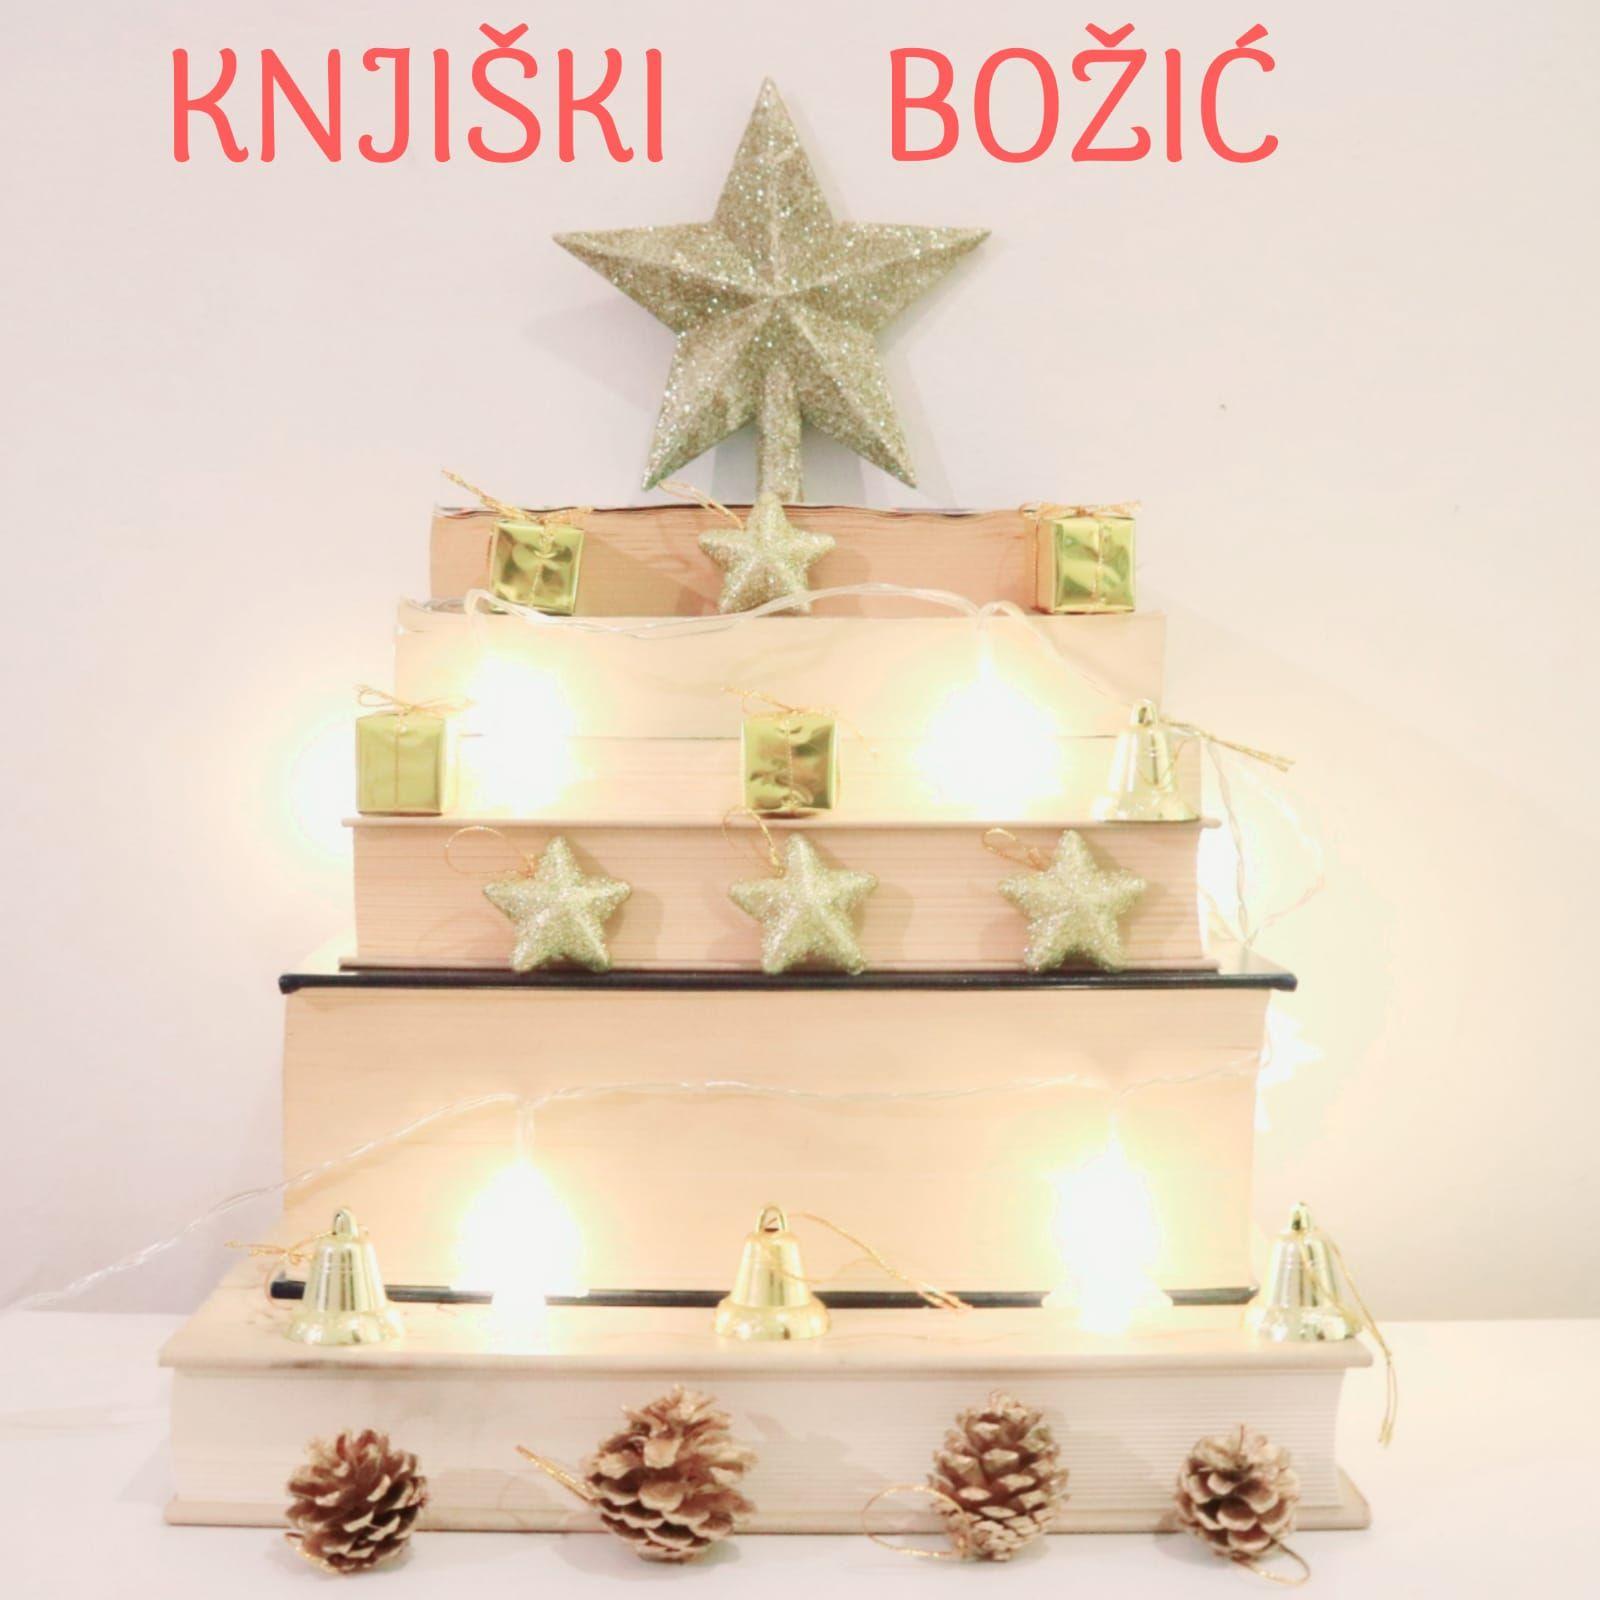 Knjiški Božić